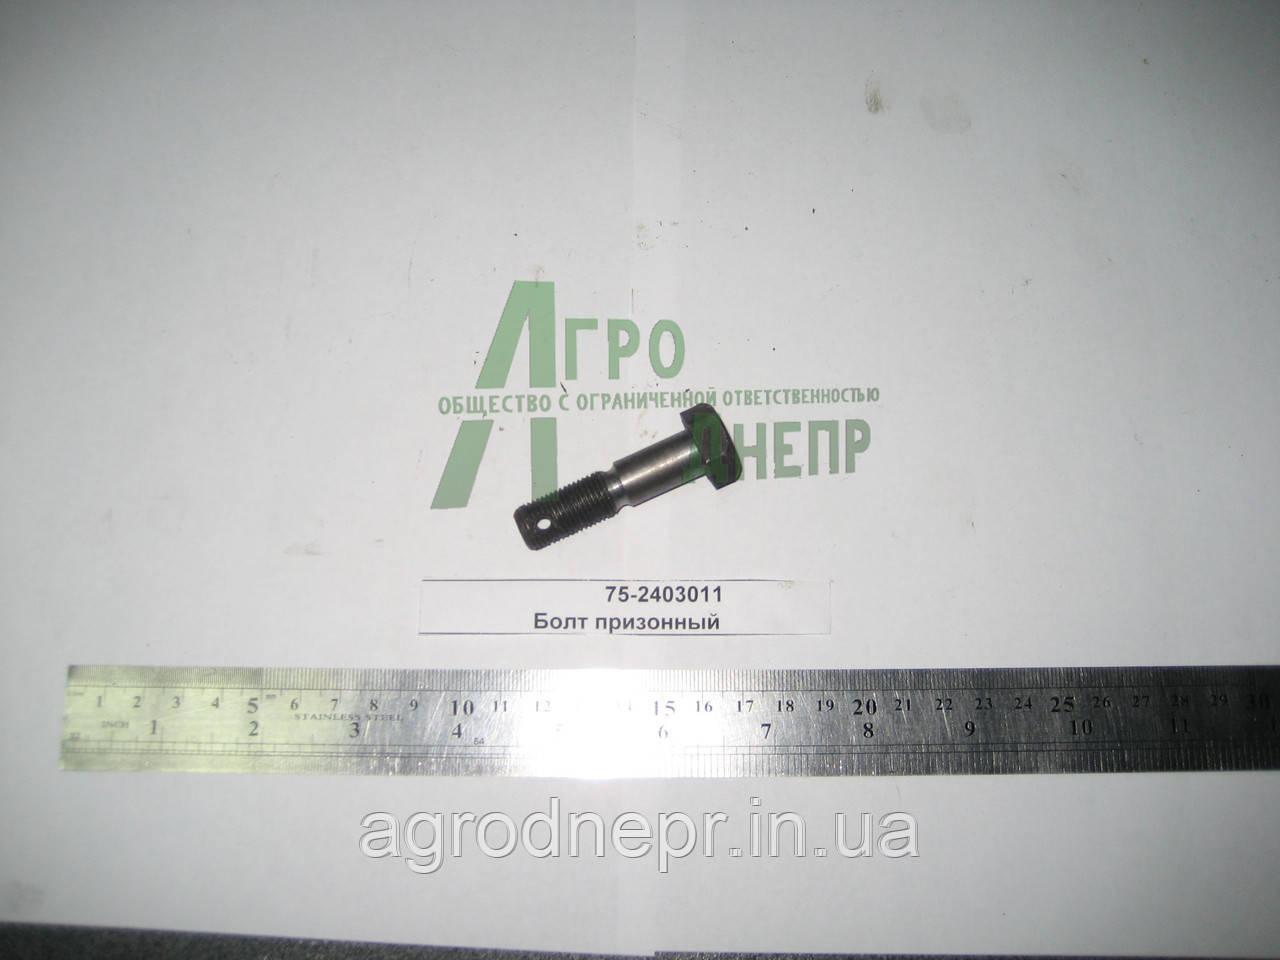 Гайка специальная ЮМЗ-80 75-2403016